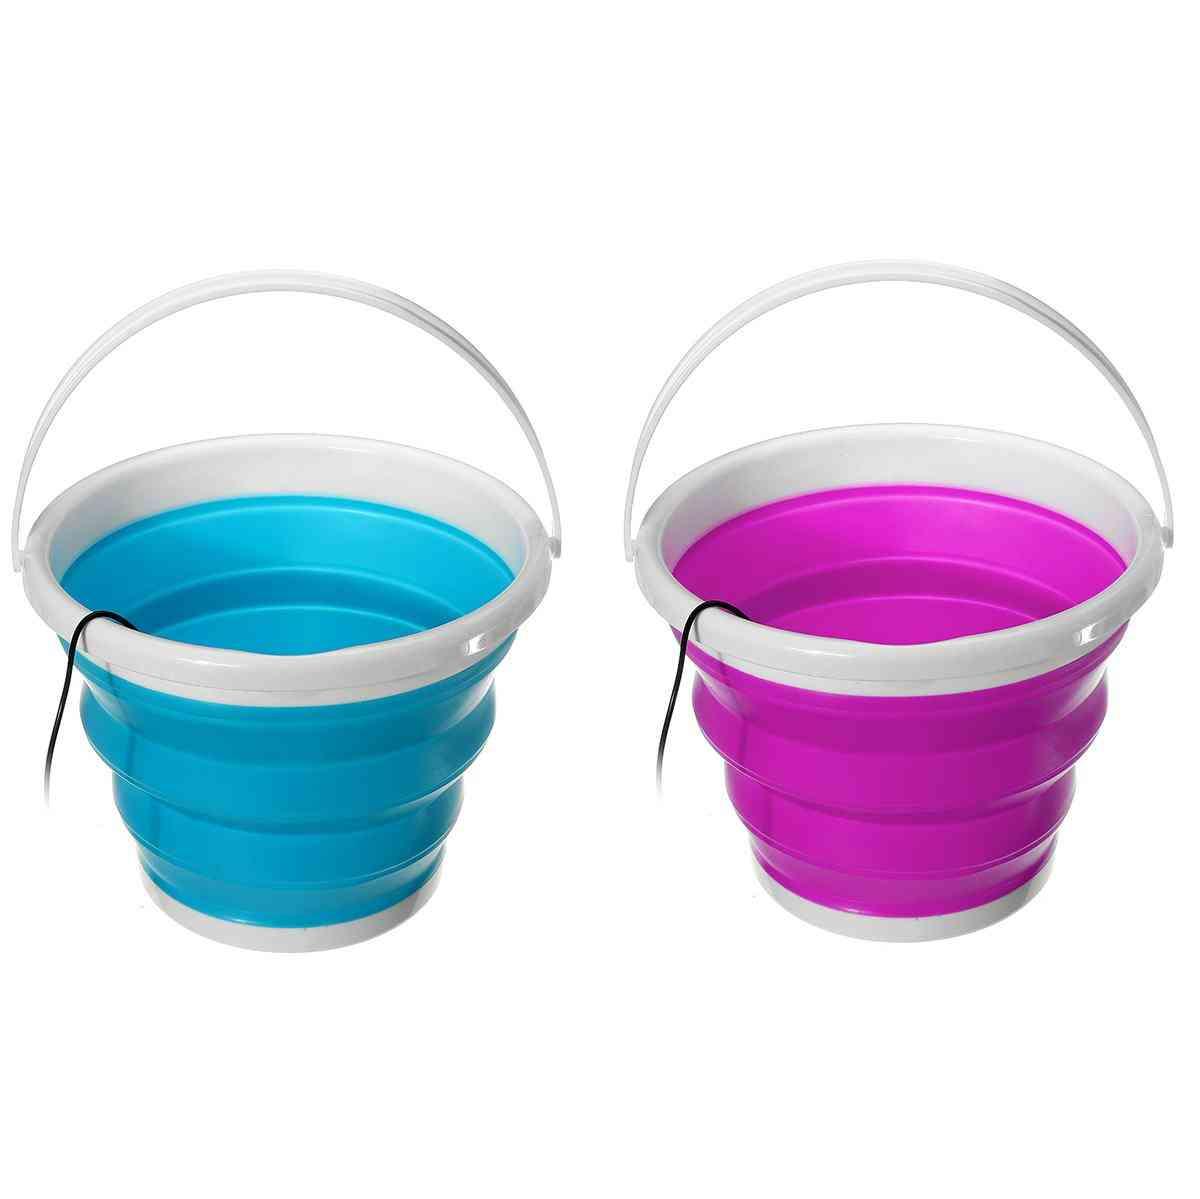 100-240v Mini Ultrasonic Washing Machine Foldable Bucket Type Usb Laundry Clothes Washer Cleaner